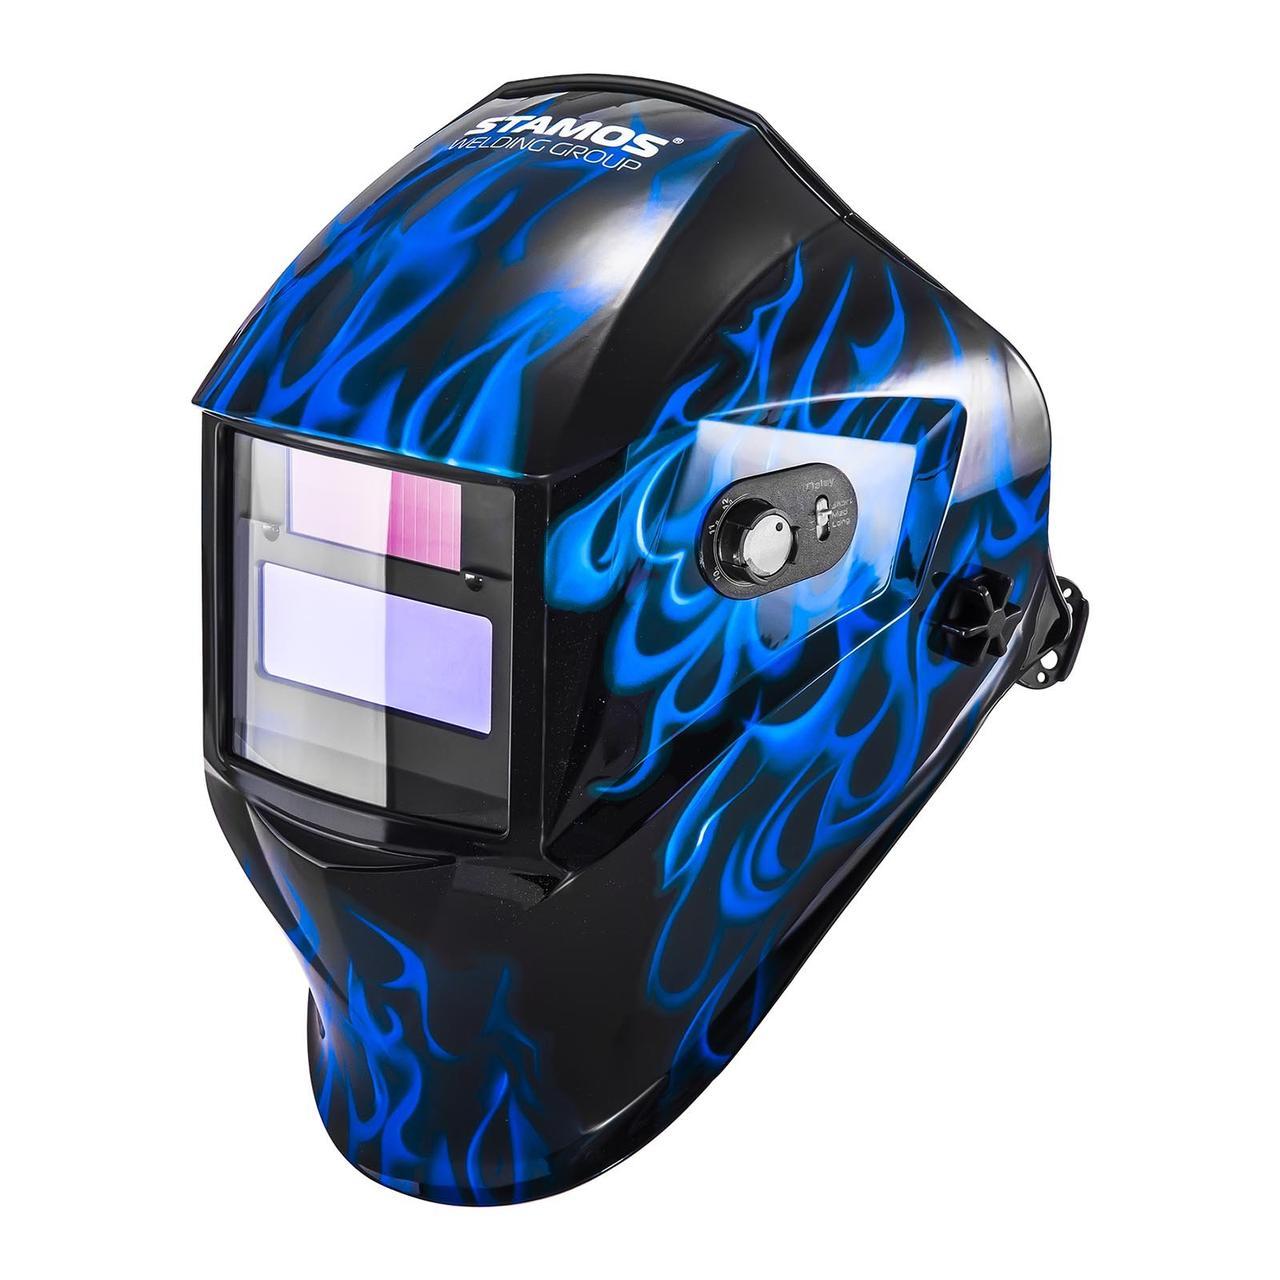 Зварювальна маска - Sub Zero - Easy Stamos Germany Марка Європи